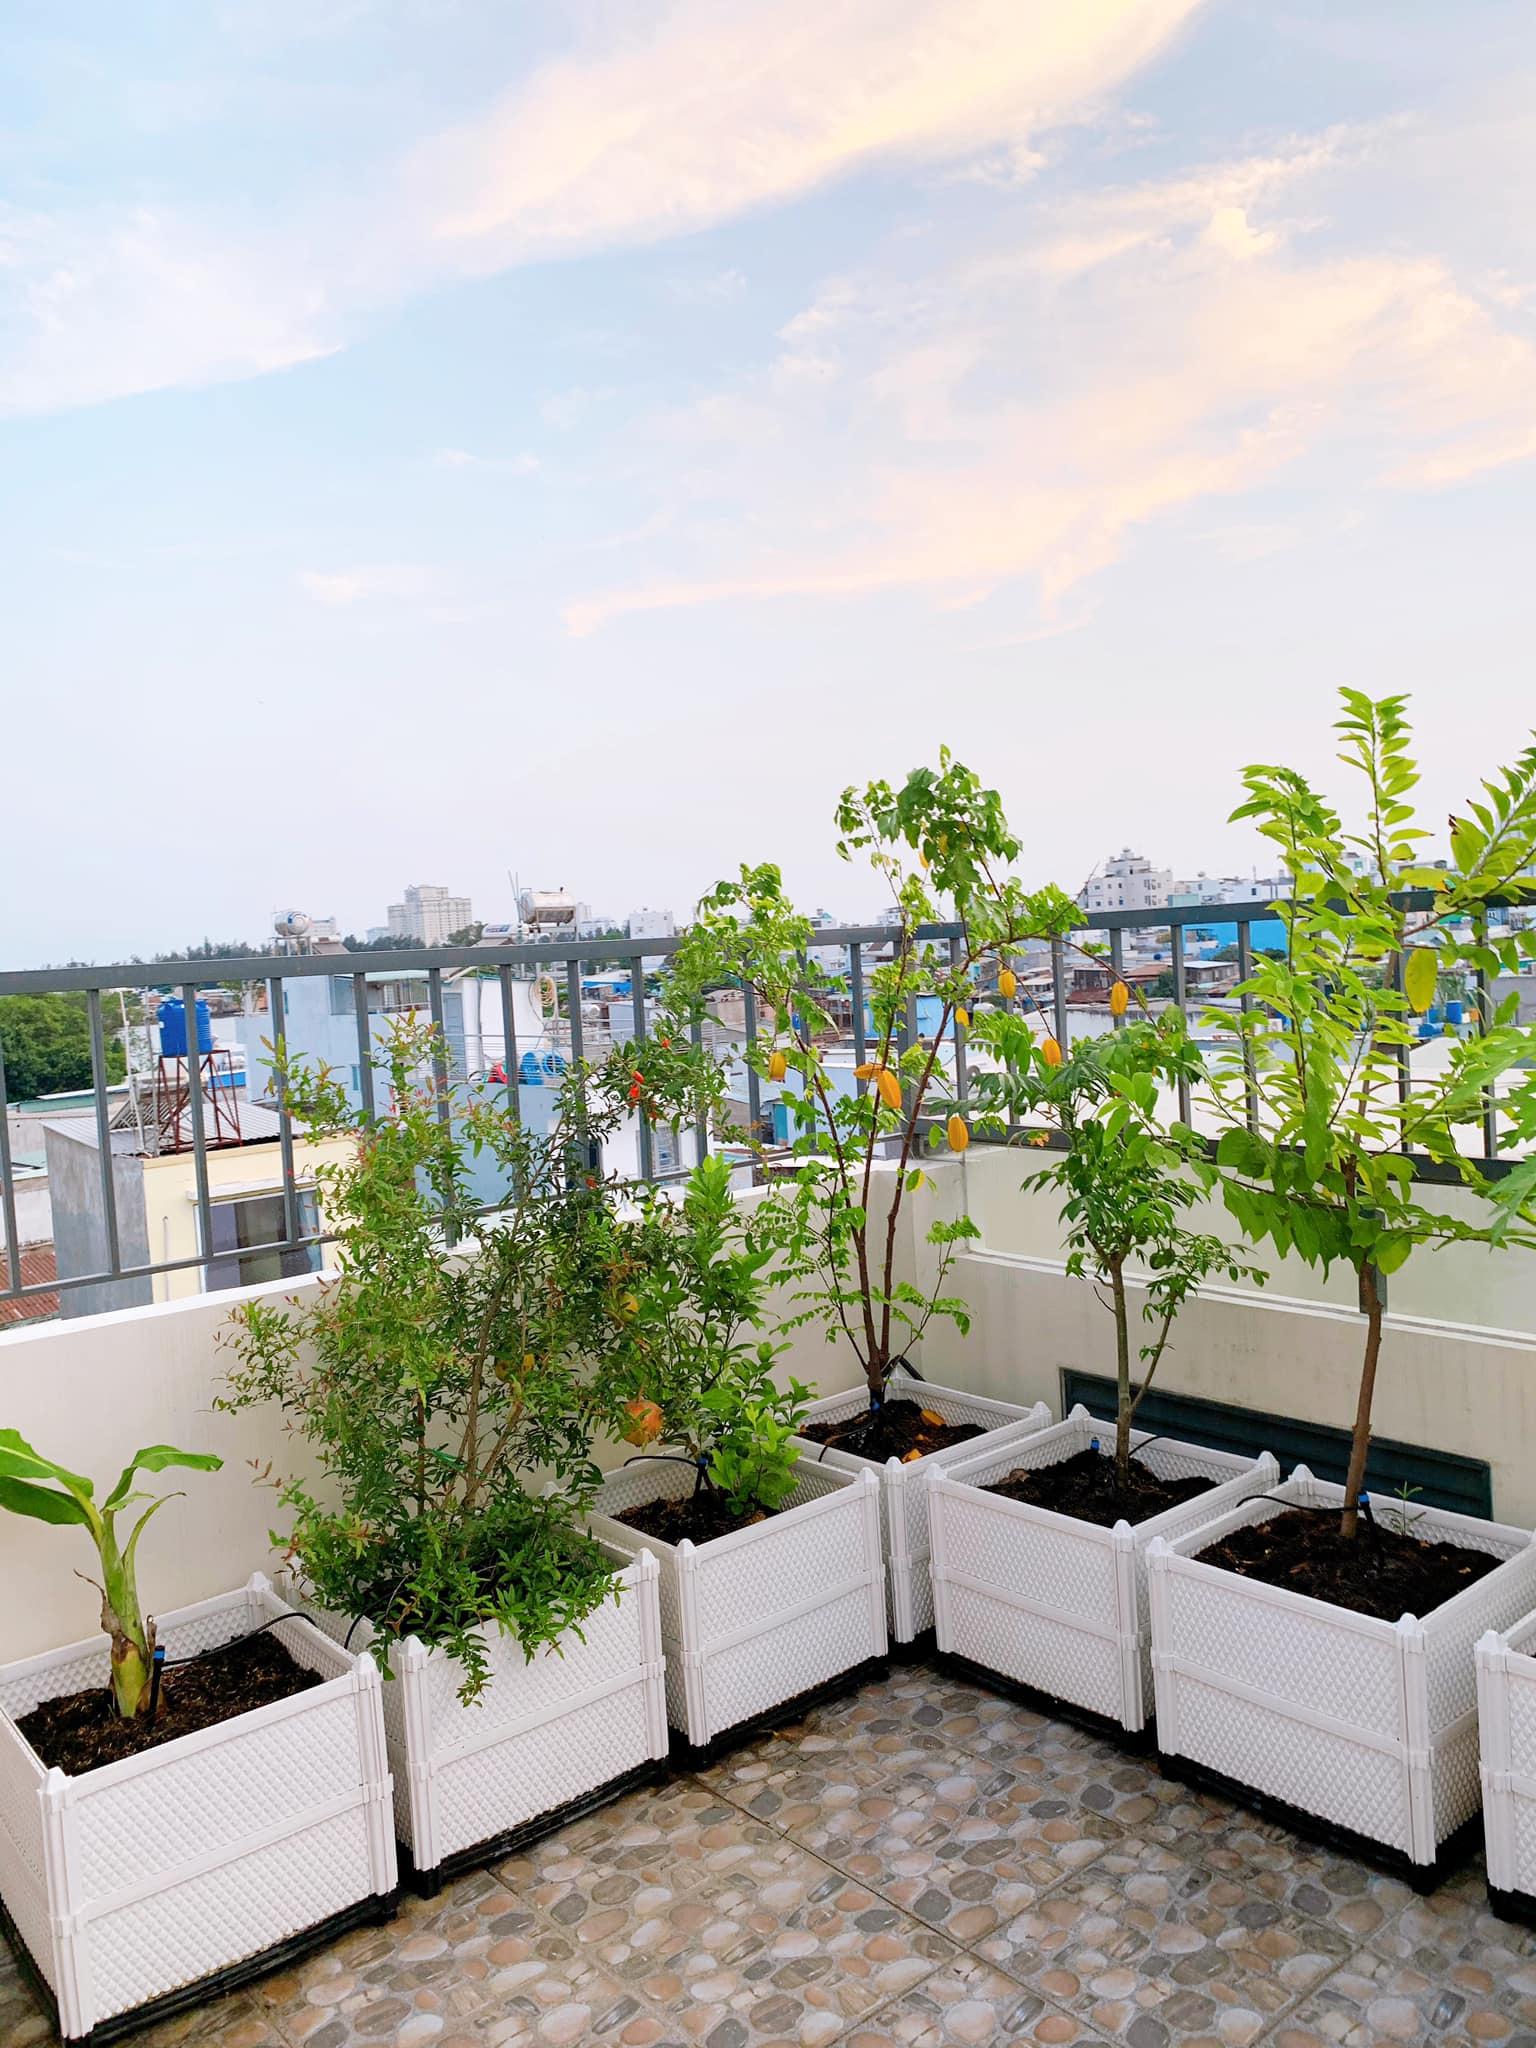 Mỗi ngày thi công một vườn rau sạch - Quang Anh HCM lan tỏa mầm xanh khắp mọi nơi!